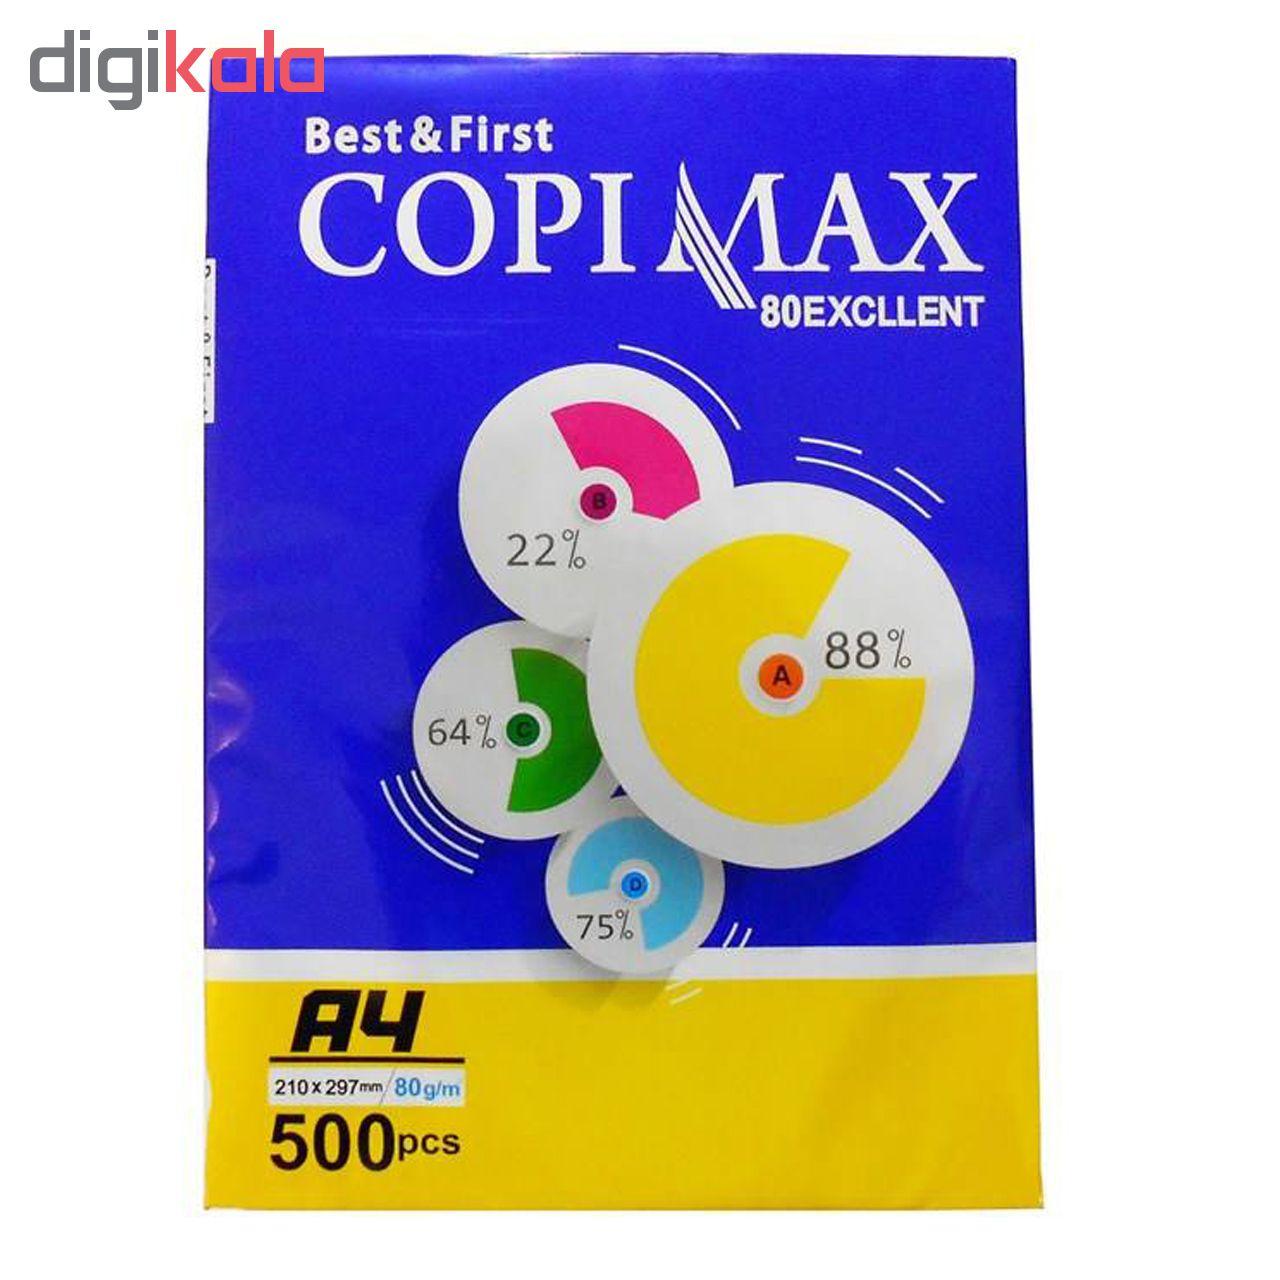 کاغذ A4 کپی مکس مدل اکسلنت 80  کد 007 بسته 500 عددی main 1 1